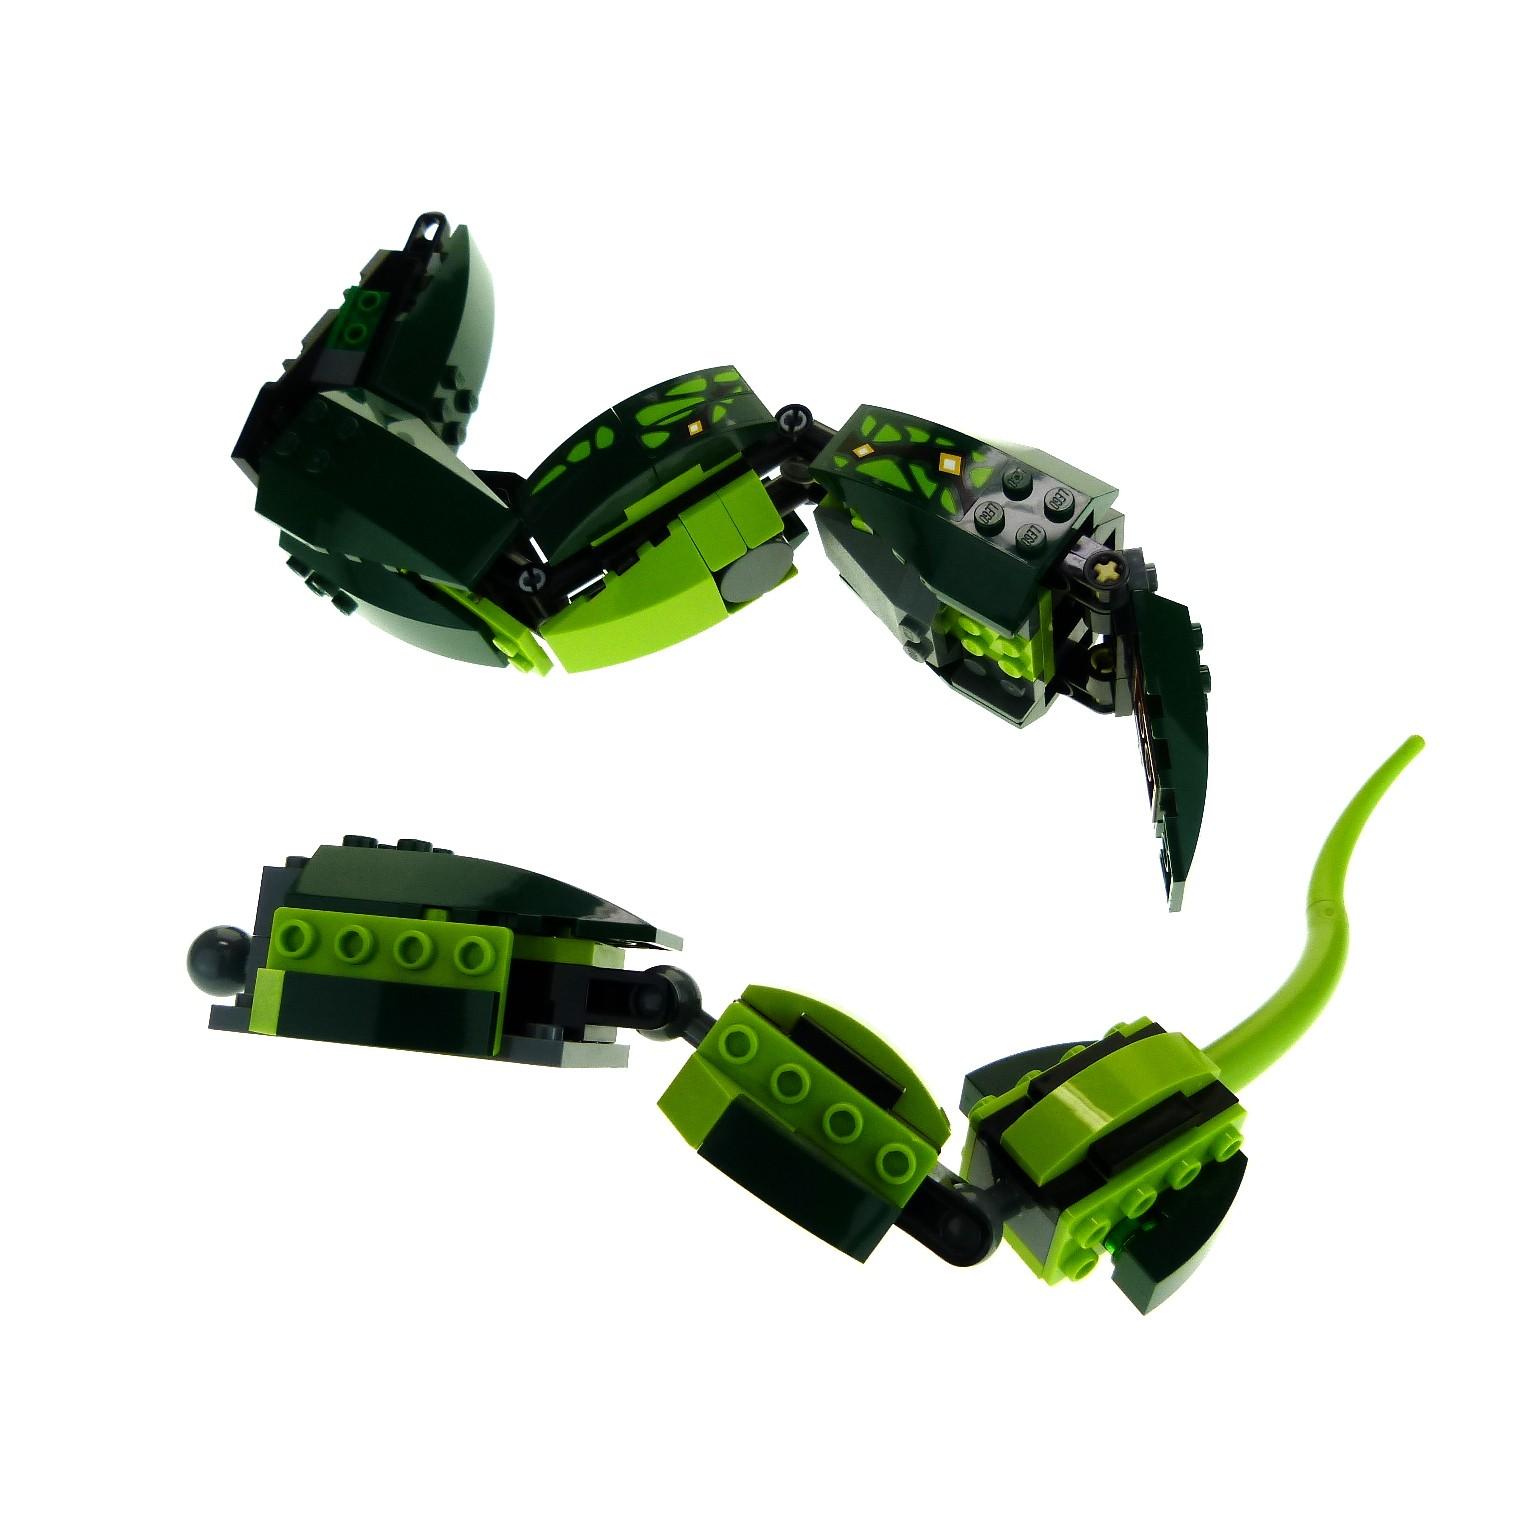 1 x lego system tier schlange grün für set modell ninjago